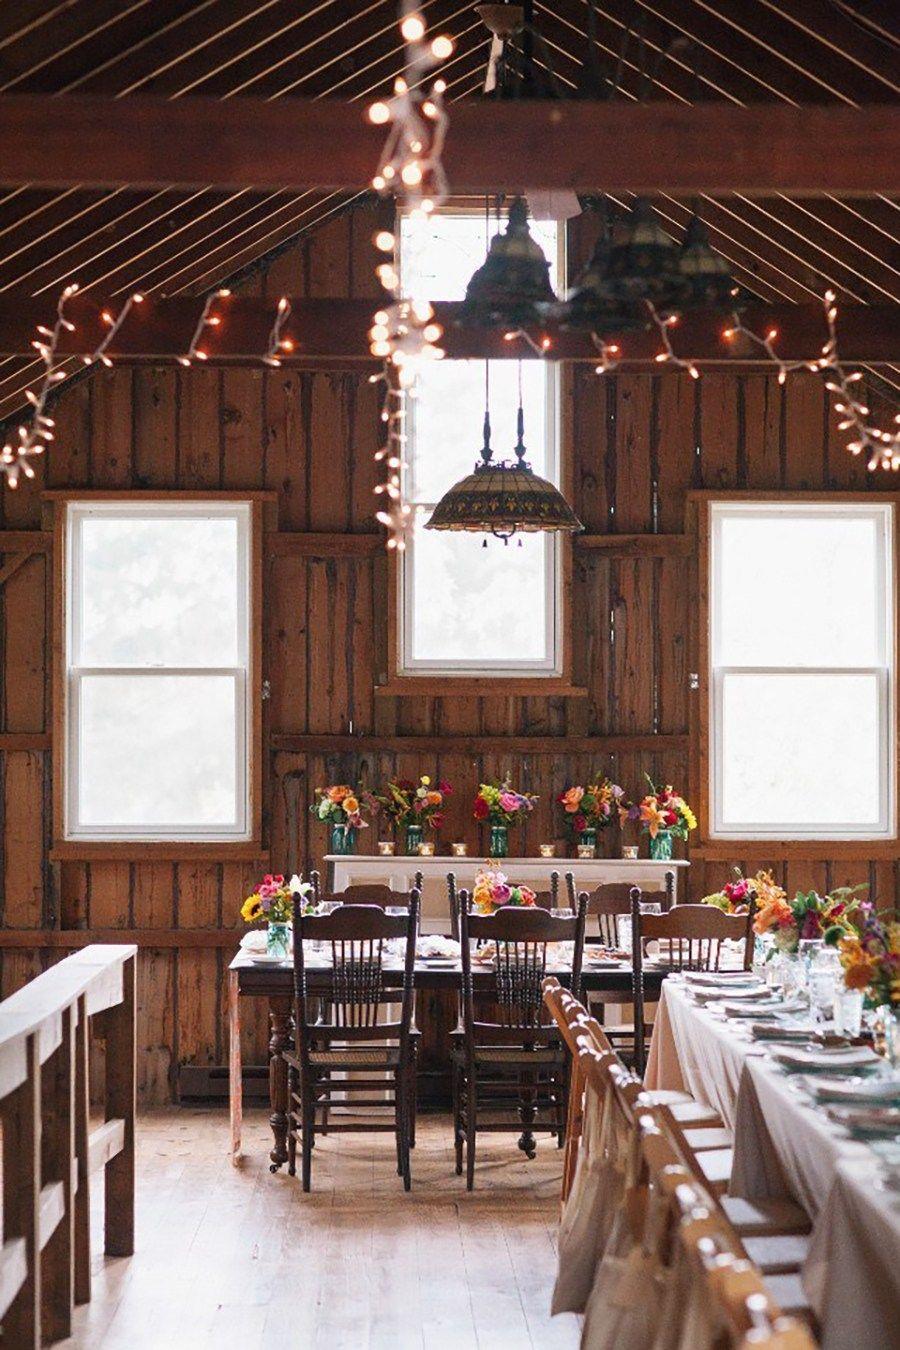 Top 16 Wedding Venues In Philadelphia Bucks County New Jersey And Beyond Wedding Venues Indoor Bucks County Wedding Venues